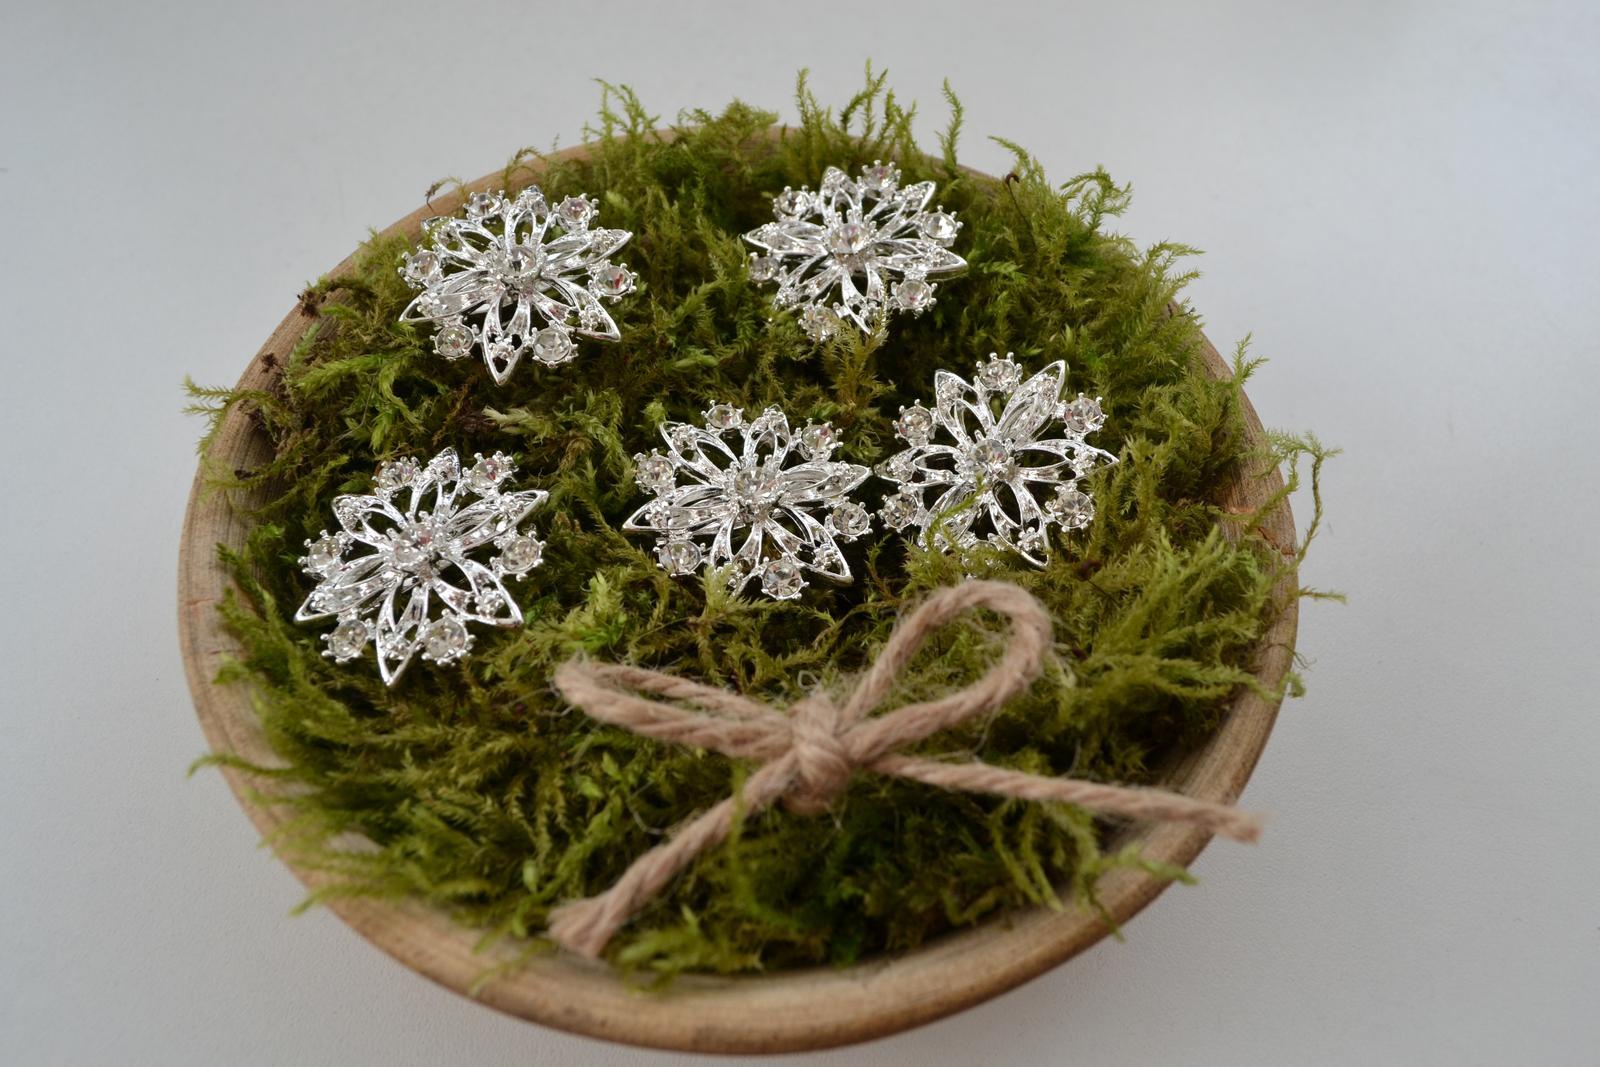 Co máme na naši svatbičku - brože na svatební kytici a kytky svědkyně a maminek